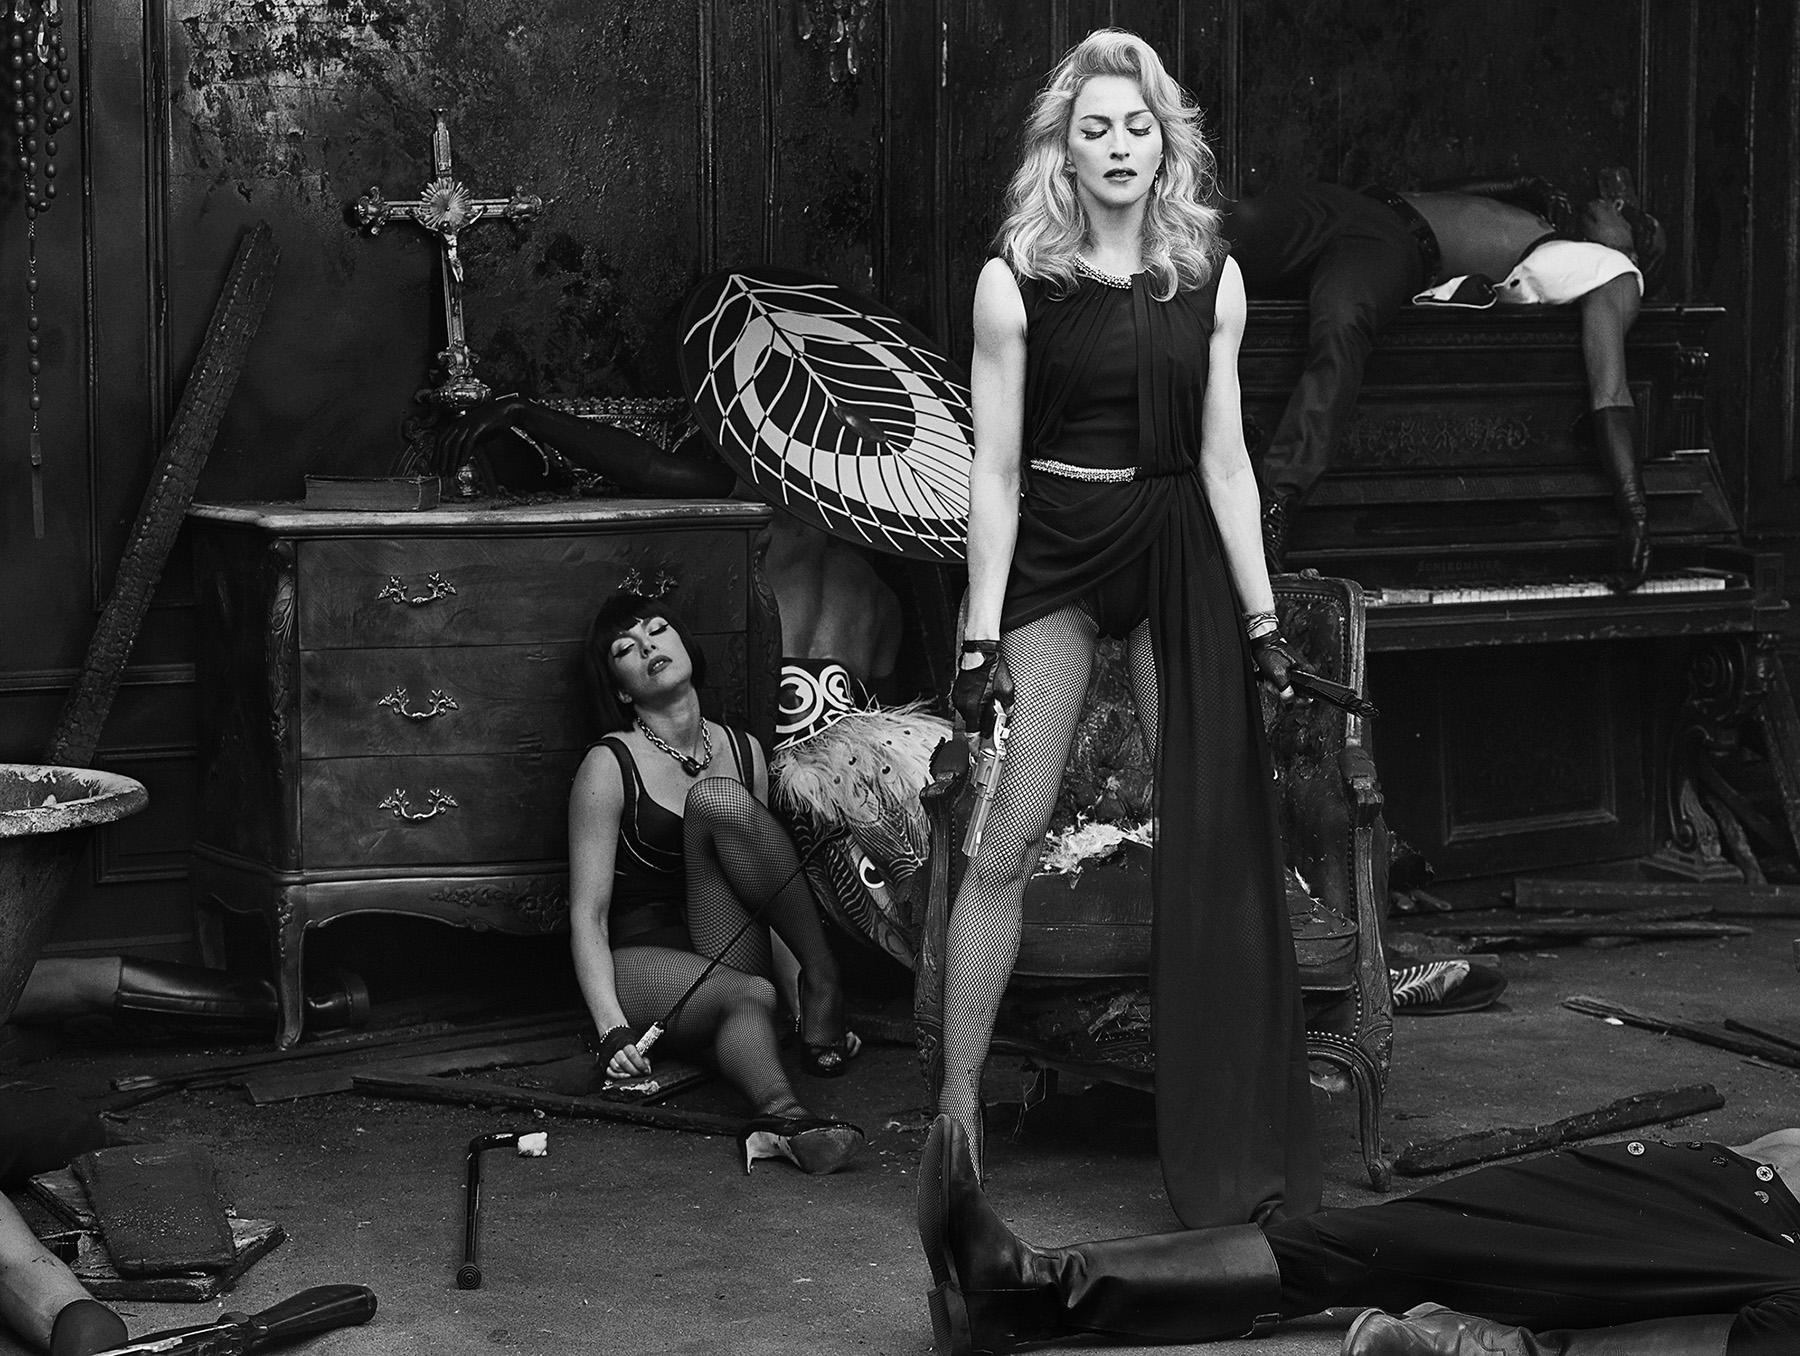 NUEVO FILM SEX, EMMANUELLE II, SYLVIA KRISTEL Magazine vintage Spanish YEARS 70